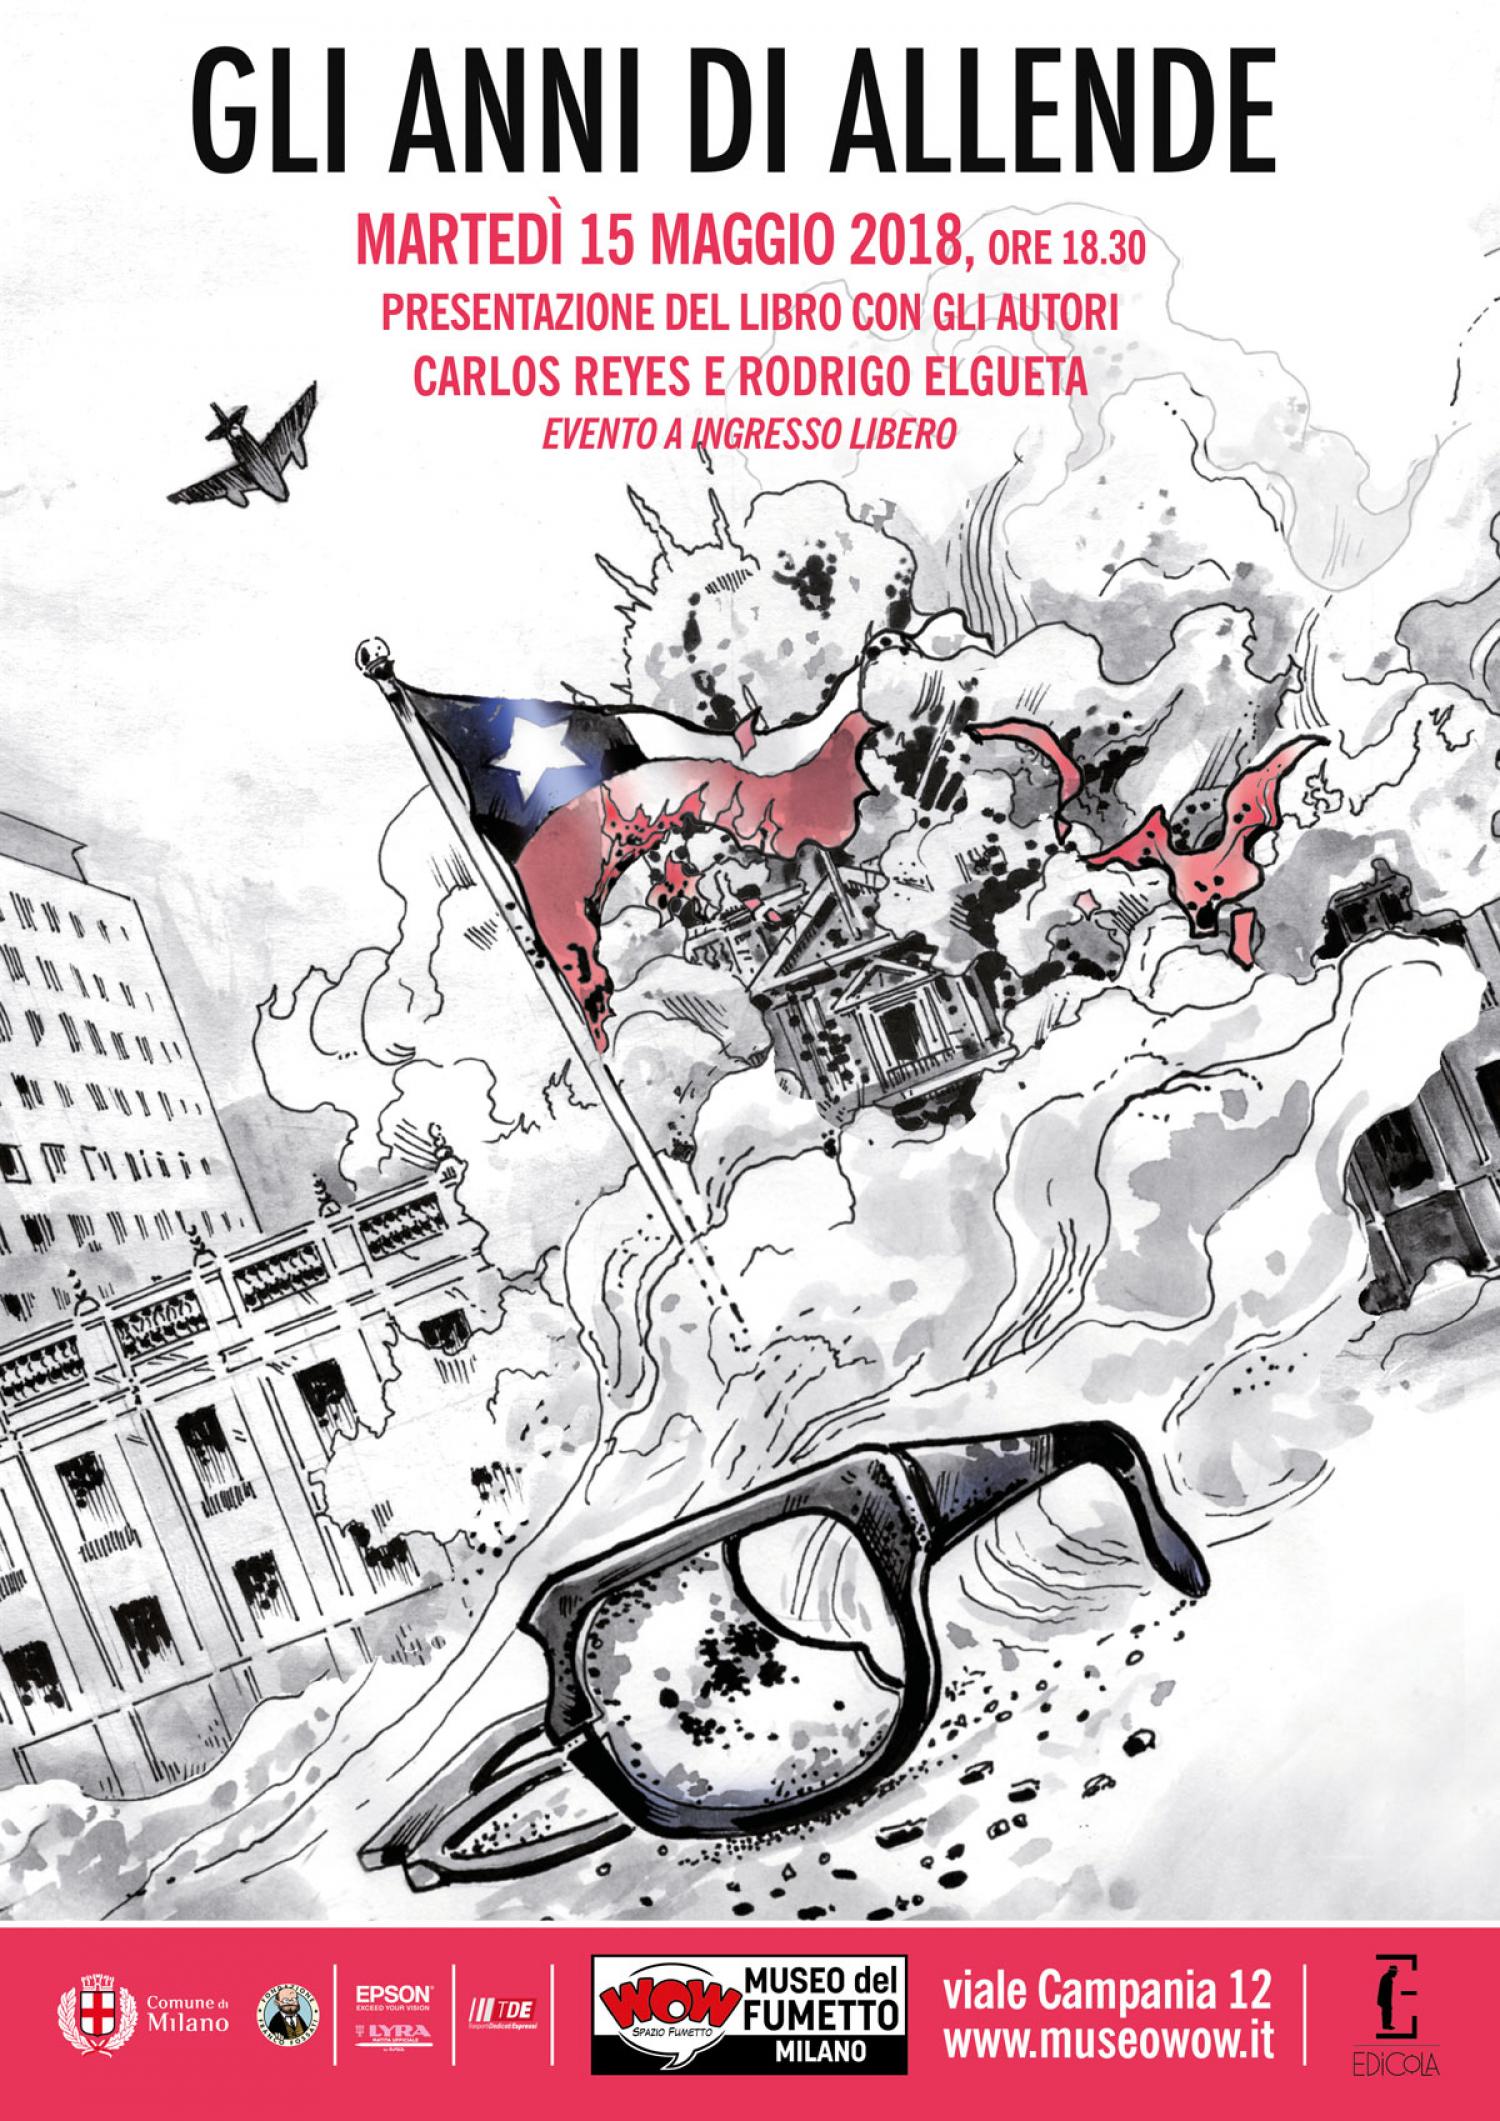 """<p><strong>Quando il 4 settembre 1970 Salvador Allende divenne il primo presidente socialista democraticamente eletto, i riflettori di tutto il mondo si accesero sul Cile</strong>. Il volume <strong><a target=""""_blank"""" href=""""http://www.edicolaed.com/negozio/illustrati-it/gli-anni-di-allende/""""><em>Gli anni di Allende</em></a>, la graphic novel realizzata dai cileni&nbsp;Rodrigo Elgueta e Carlos Reyes</strong>,&nbsp;ripercorre con passione e rigore storico proprio quegli anni. Il libro &egrave; - sia dal punto di vista dei contenuti che delle immagini - frutto di una ricerca storica e iconografica minuziosa e dettagliata che si traduce nel realismo grafico e nella ricchezza dei testi. &Egrave; attraverso gli occhi di John Nitsch, giornalista nordamericano inviato in Cile pochi mesi prima dell&rsquo;elezione di Allende, che il lettore conoscer&agrave; non soltanto il susseguirsi vertiginoso dei fatti politici che culminarono nel colpo di Stato di Pinochet, ma anche il contesto sociale e culturale che animava il Cile in quegli anni: dalla musica popolare di Victor Jara al cinema di Ra&uacute;l Ruiz, dall&rsquo;arte di strada della Brigada Ramona Parra fino alle celebrazioni per il Nobel a Pablo Neruda. <strong>Marted&igrave; 15 maggio alle ore 18:30 WOW Spazio Fumetto, in collaborazione con la <a target=""""_blank"""" href=""""http://www.edicolaed.com"""">casa editrice Edicola</a>, ospita la presentazione del volume <em>Gli anni di Allende</em></strong>, graphic novel vincitrice in Italia del Premio Liberi di Scrivere. <strong>Saranno presenti gli autori,&nbsp;i cileni Rodrigo Elgueta (illustratore) e Carlos Reyes (sceneggiatore)</strong>, per raccontare al pubblico la sfida di trasformare a fumetti uno dei capitoli pi&ugrave; complessi ed emozionanti della storia moderna. Dialogheranno con loro gli editori Paolo Primavera e Alice Rifelli. <strong>Ingresso libero</strong> all&#39;evento.<strong> GLI AUTORI</strong> &nbsp; <strong>Carlos Reyes</strong> &egrave; sceneggiatore, editore"""